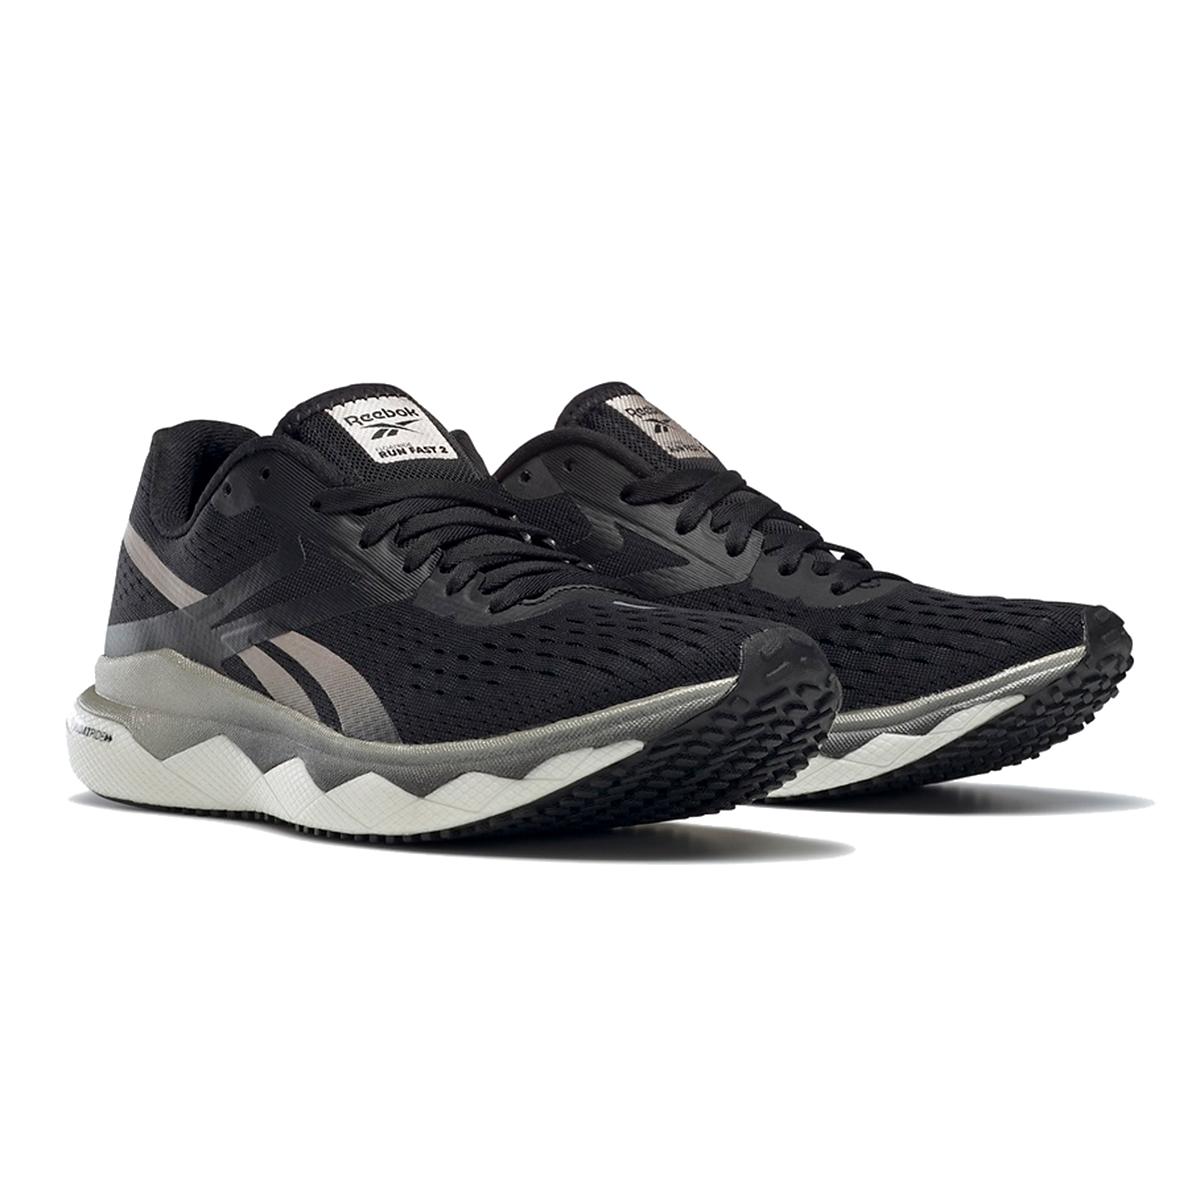 Women's Reebok Floatride Run Fast 2.0 Running Shoe - Color: Black/Moondust/White - Size: 5 - Width: Regular, Black/Moondust/White, large, image 7